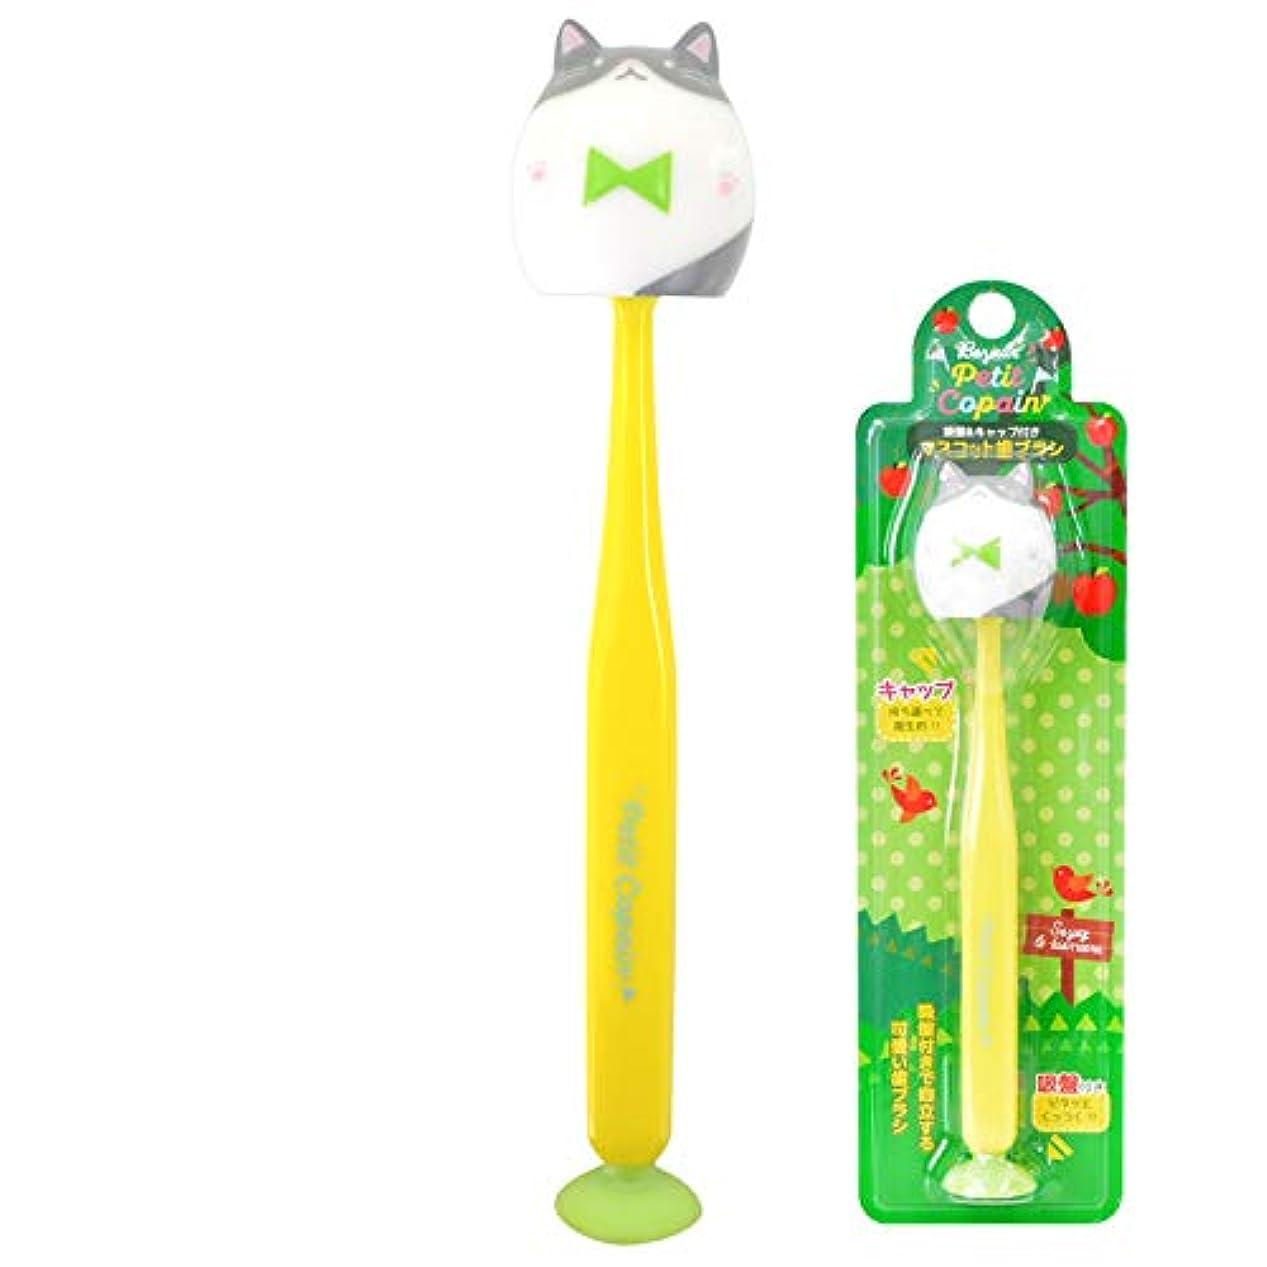 夕暮れ悪因子マインドプティコパン 吸盤付き歯ブラシ ネコ